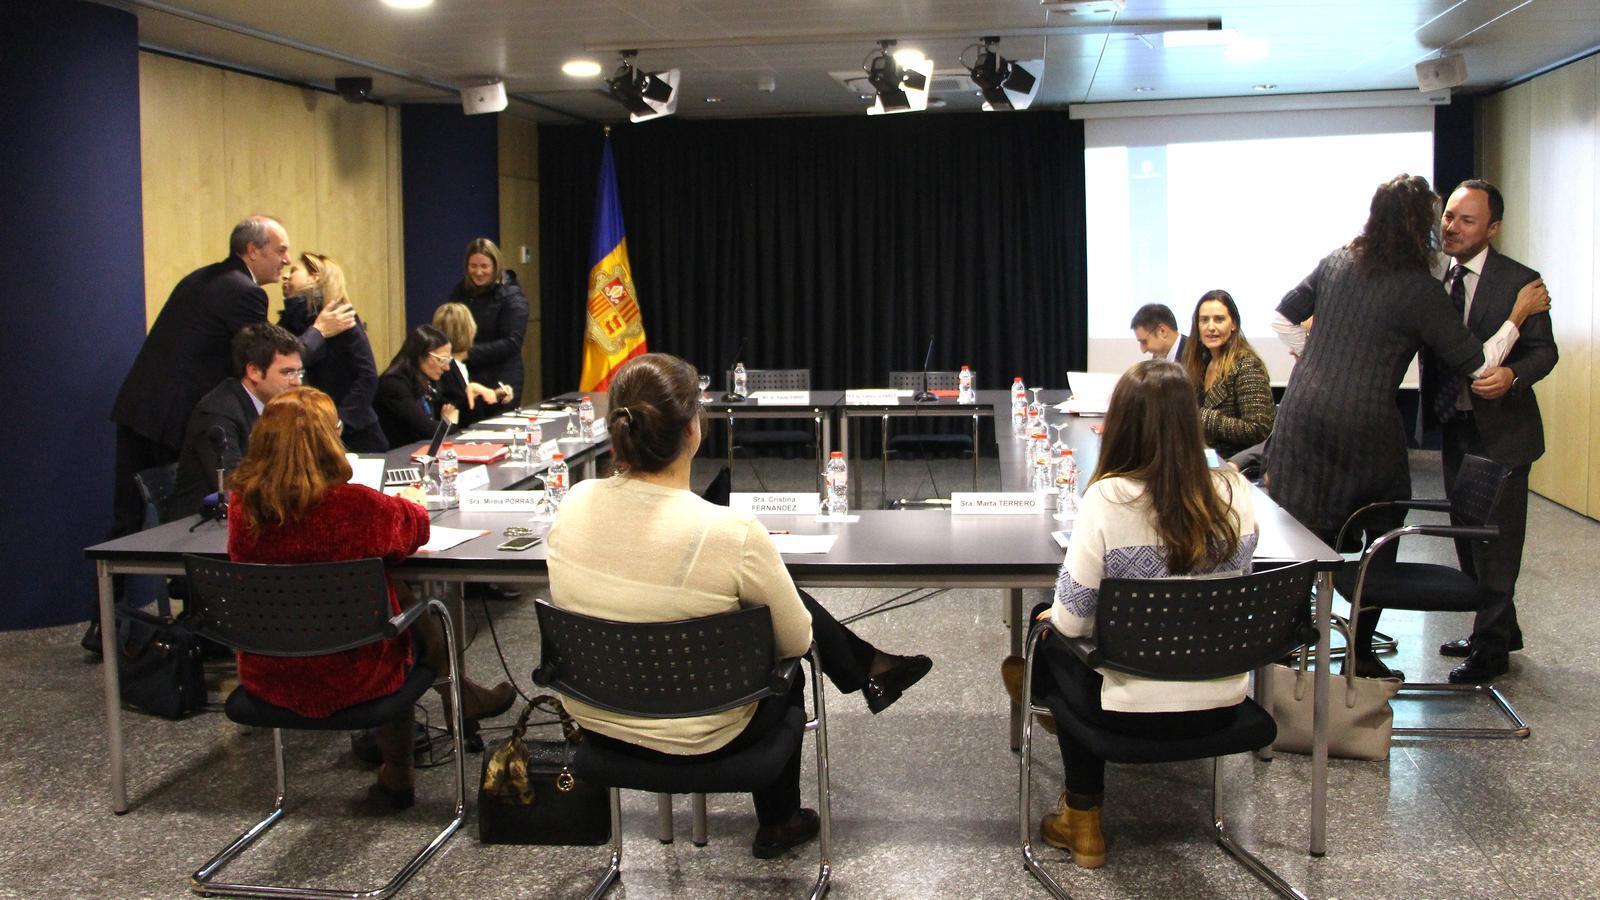 Els ministres de Salut, Carles Álvarez, i d'Afers Socials, Justícia i Interior, Xavier Espot, saluden els assistents a la Comissió nacional de prevenció de violència de gènere i domèstica.  / M. F. (ANA)